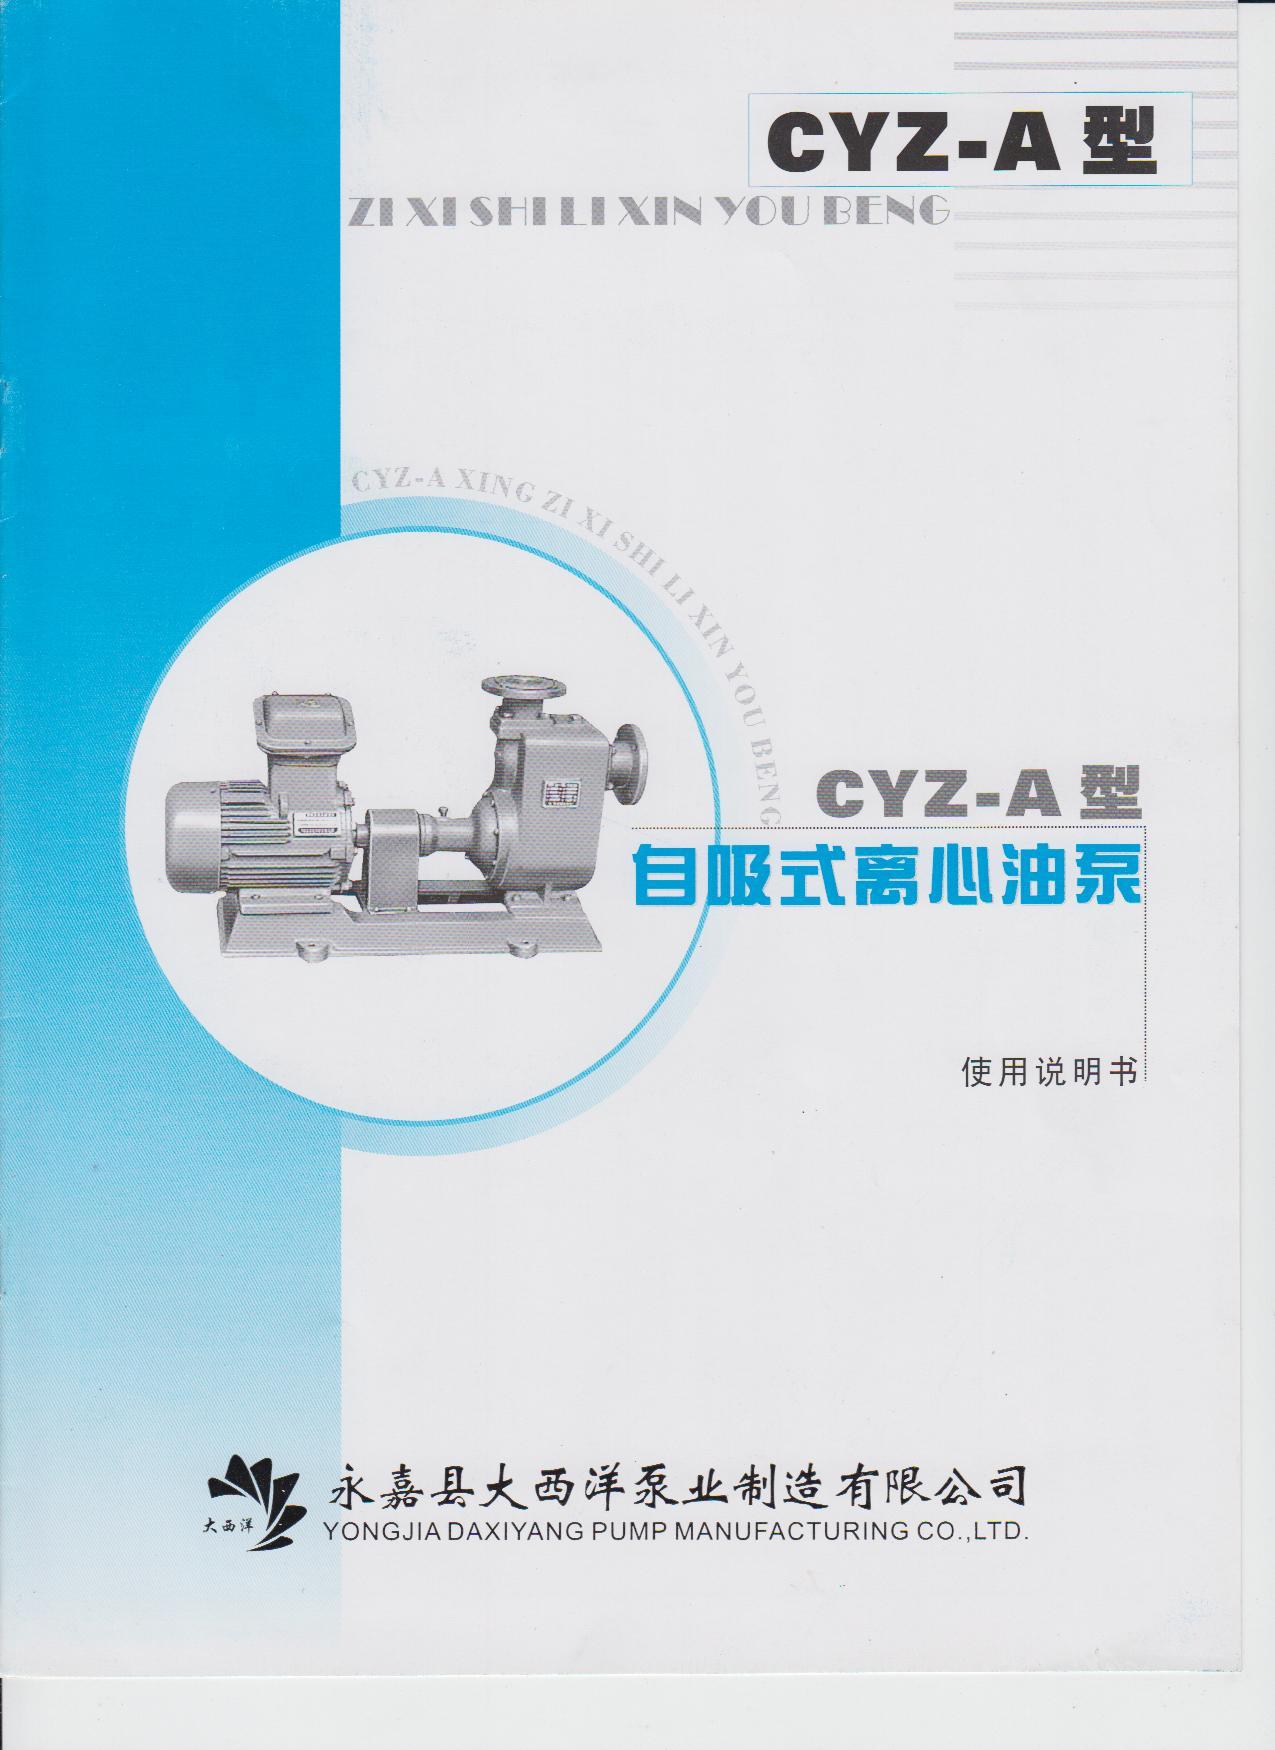 自吸式离心油泵(CYZ-A),自吸泵企业样本,自吸泵概述